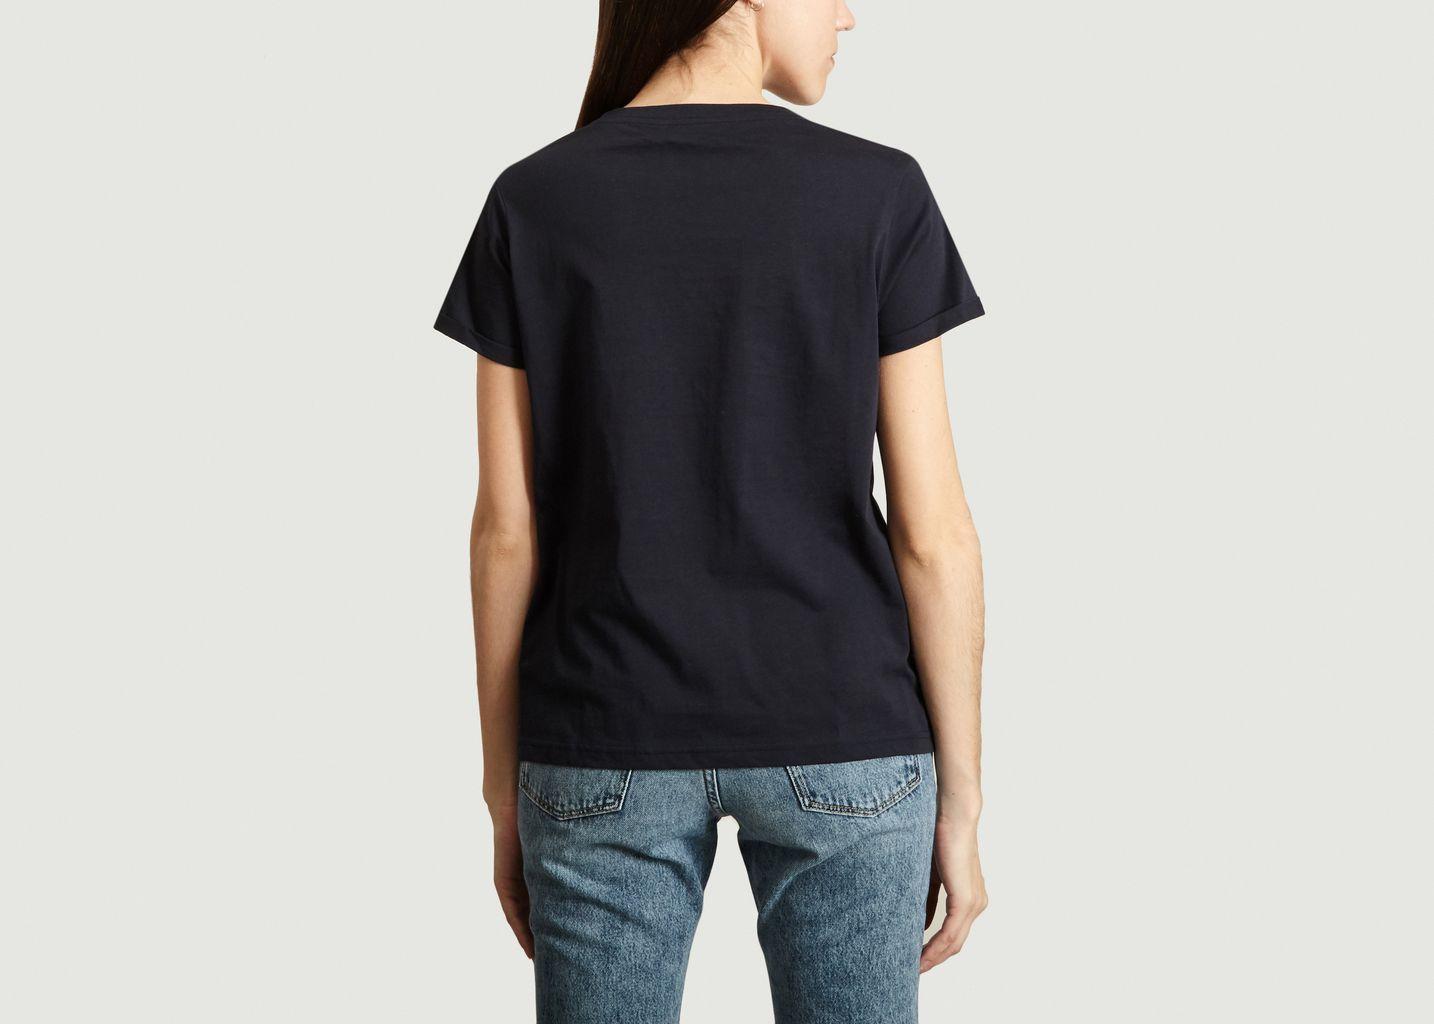 T-Shirt Bonsaï en Coton Biologique - Olow